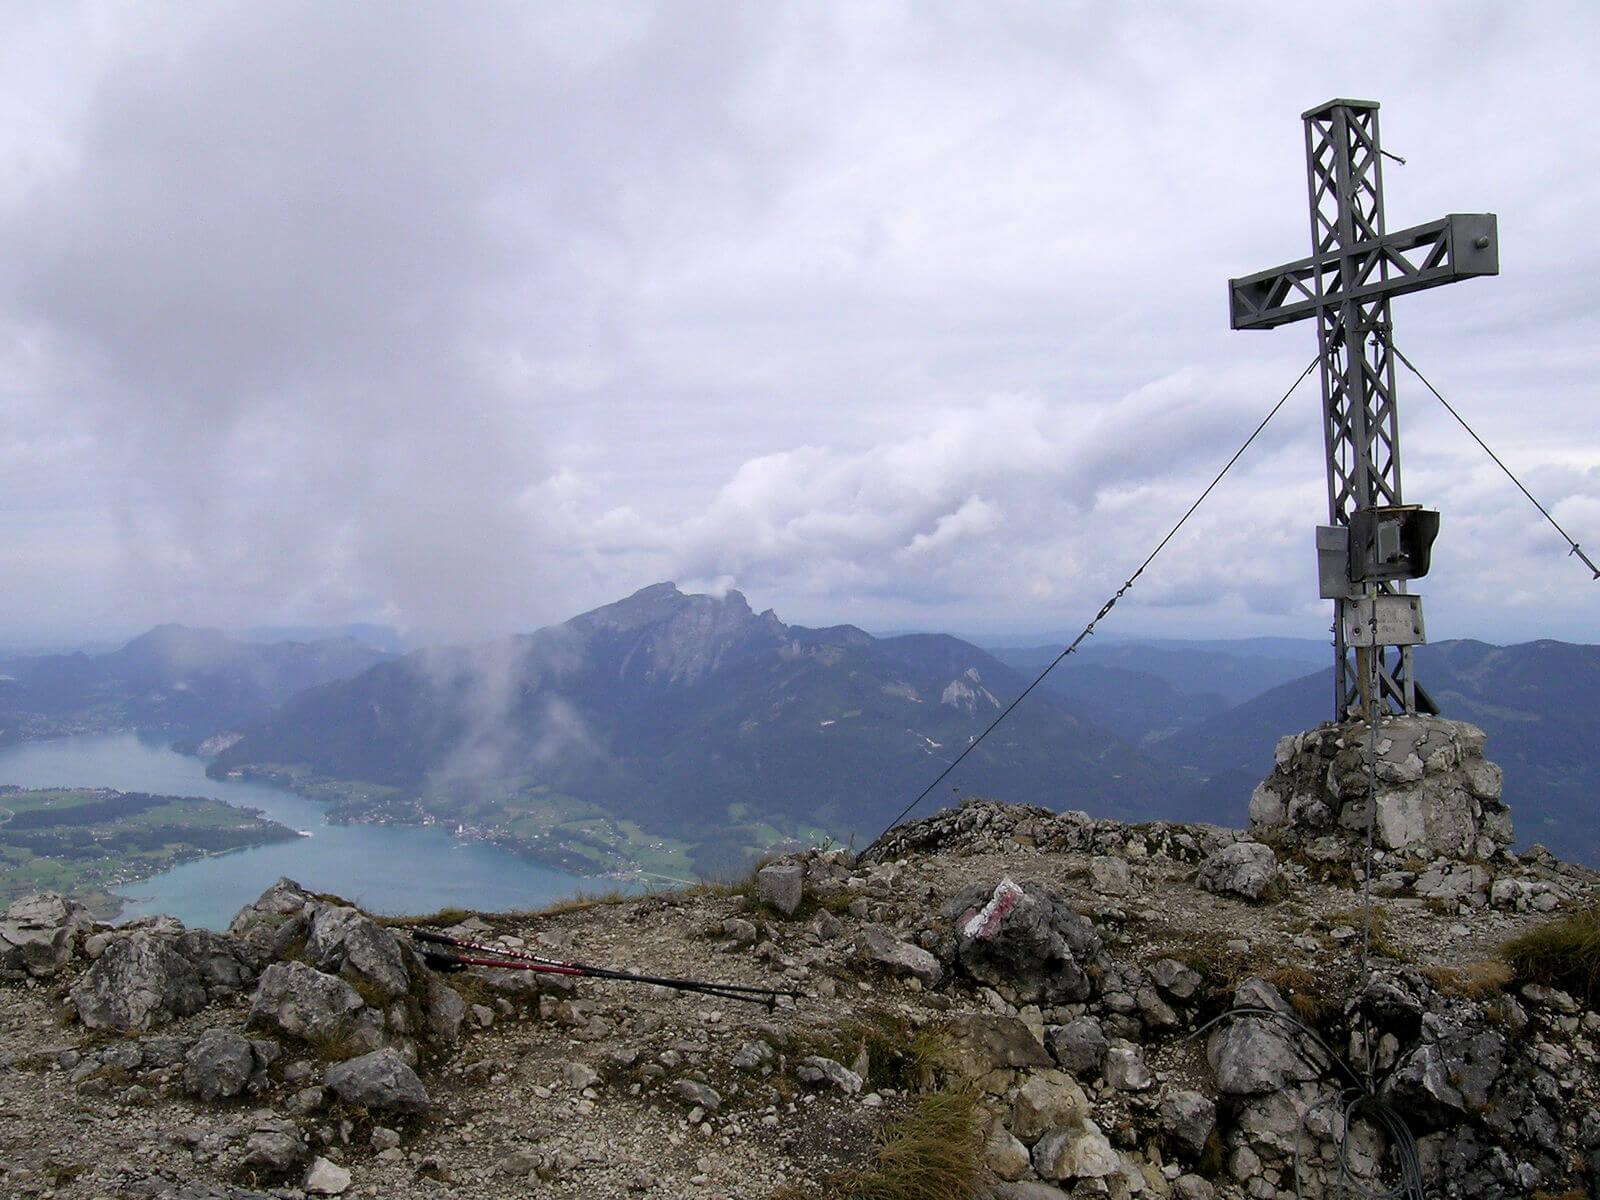 Wanderung auf den Rettenkogel - Gipfelkreuz und Wolfgangsee